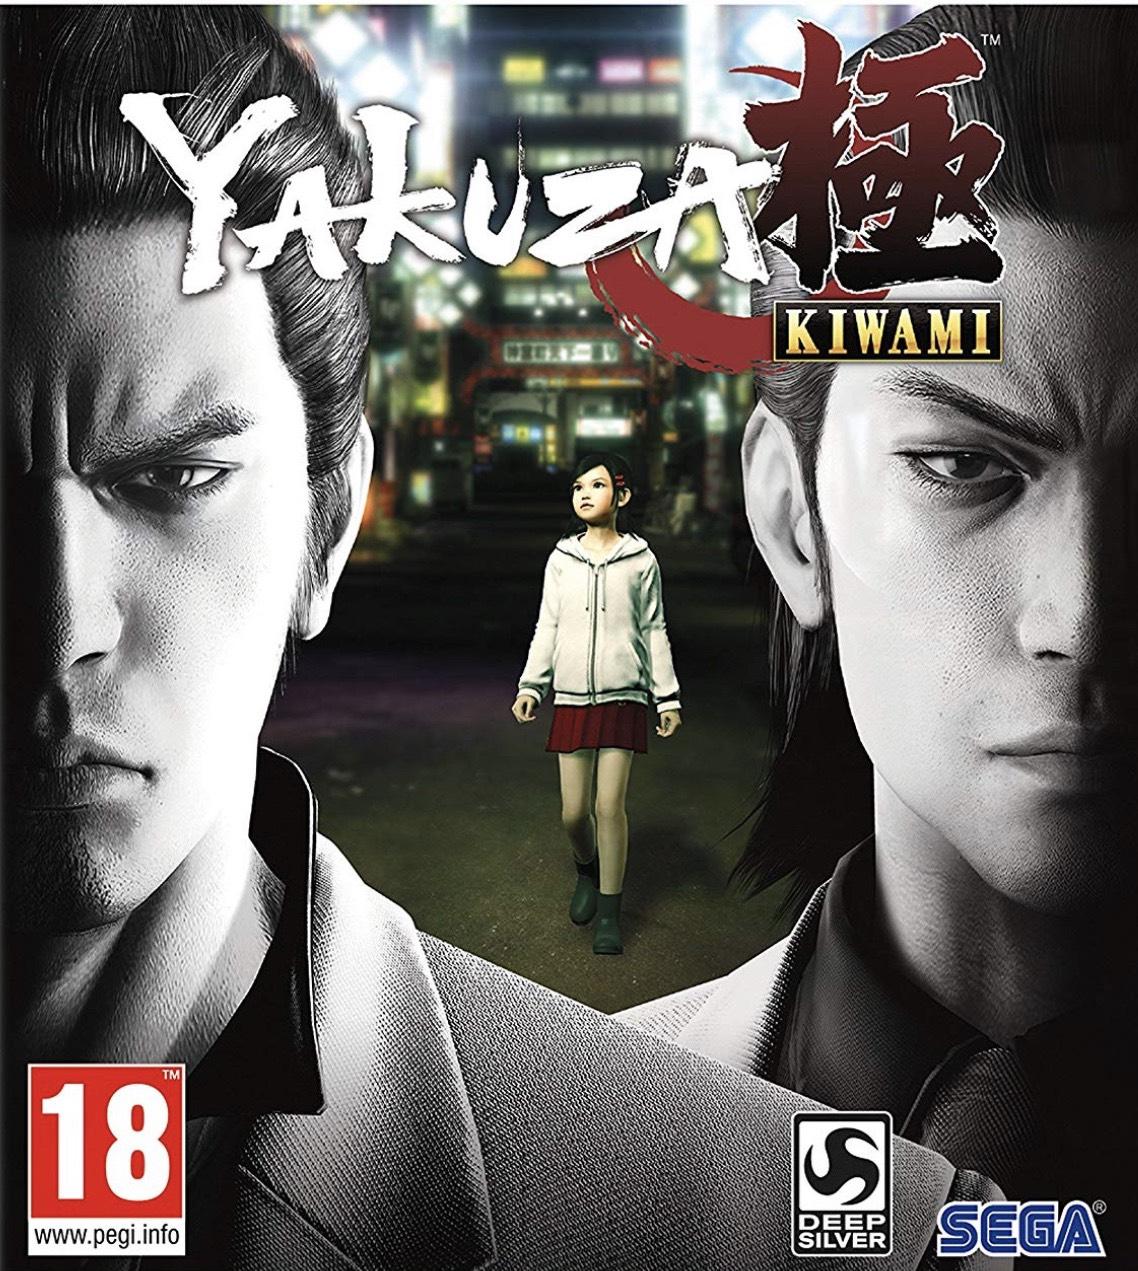 Yakuza Kiwami (PS4) - £7.39 @ PlayStation Store